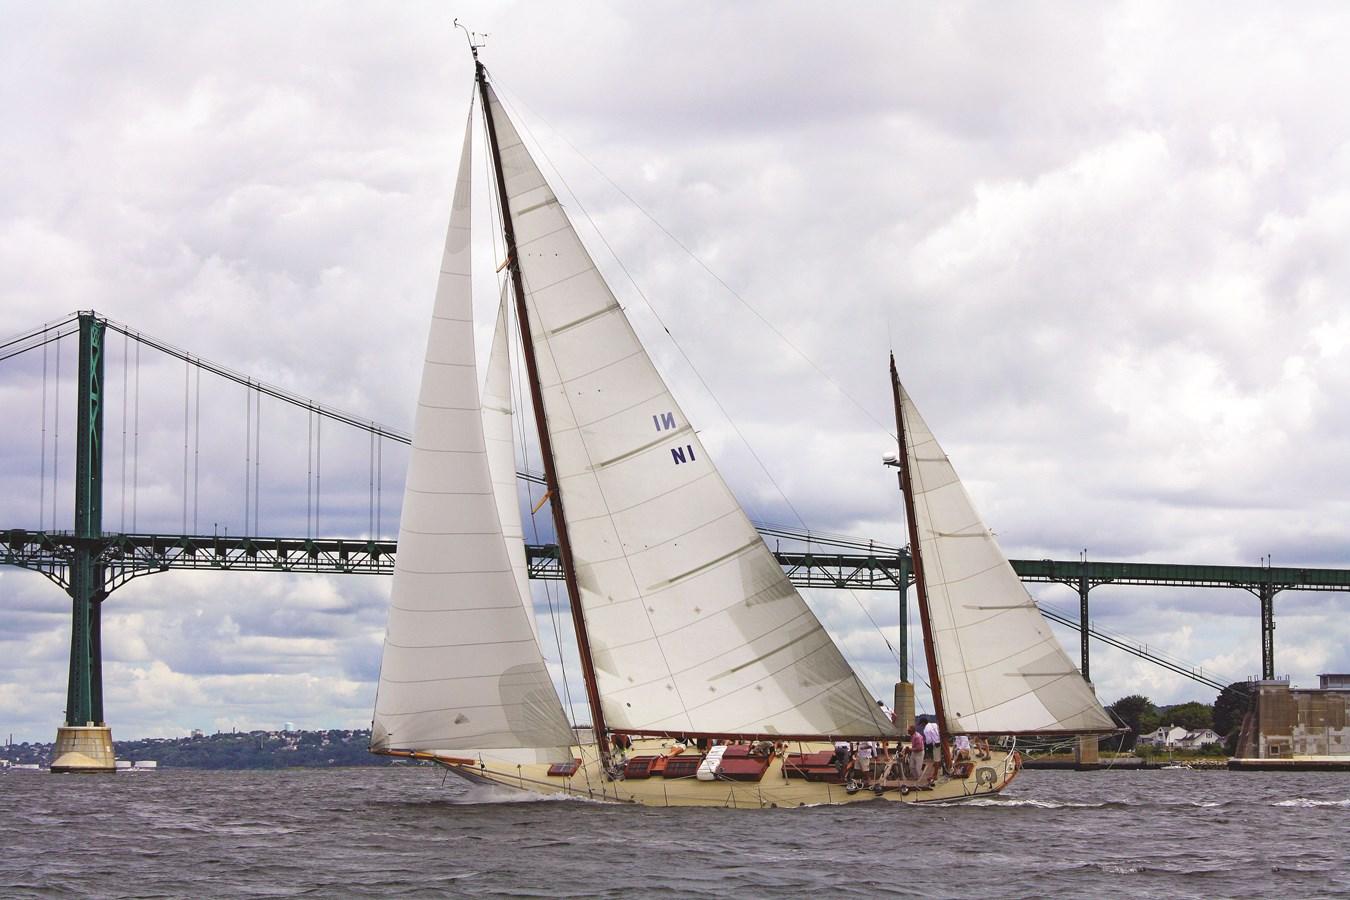 herreshoff regatta aug22_2014 - svetlana_ivanoff - 0518 - rugosa_cmyk 1926 HERRESHOFF  Classic Yacht 2836453